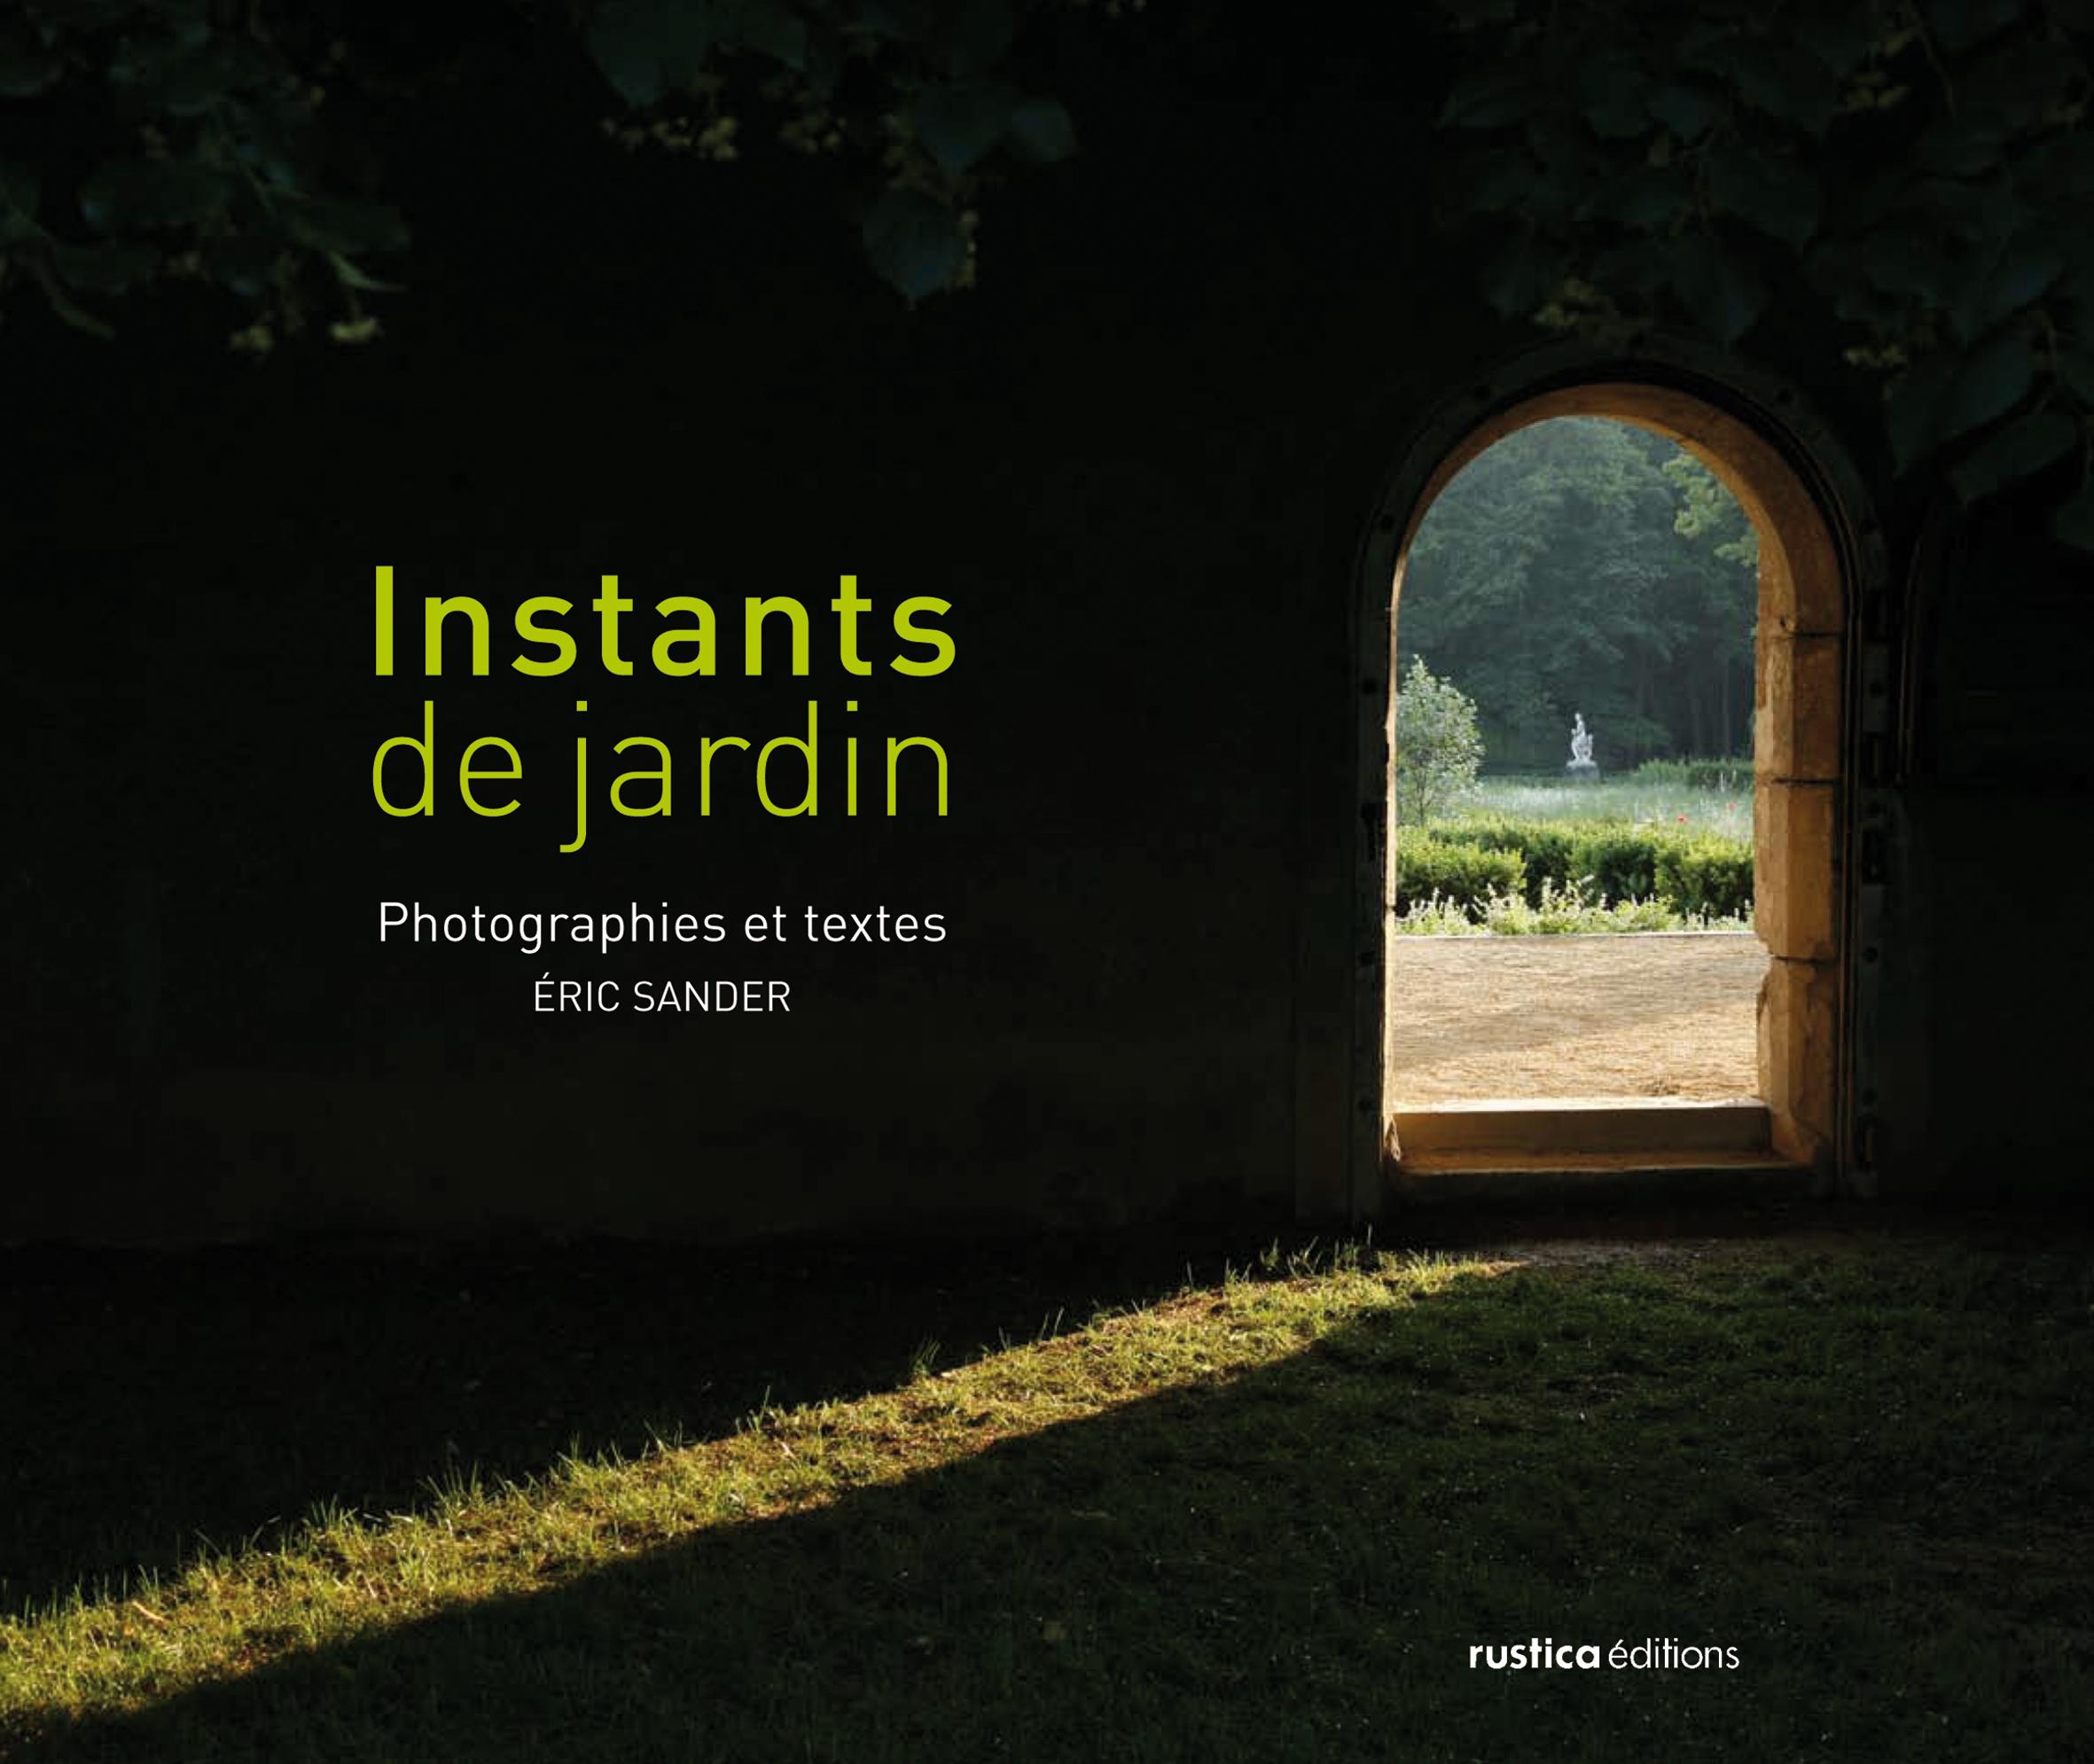 INSTANTS DE JARDIN